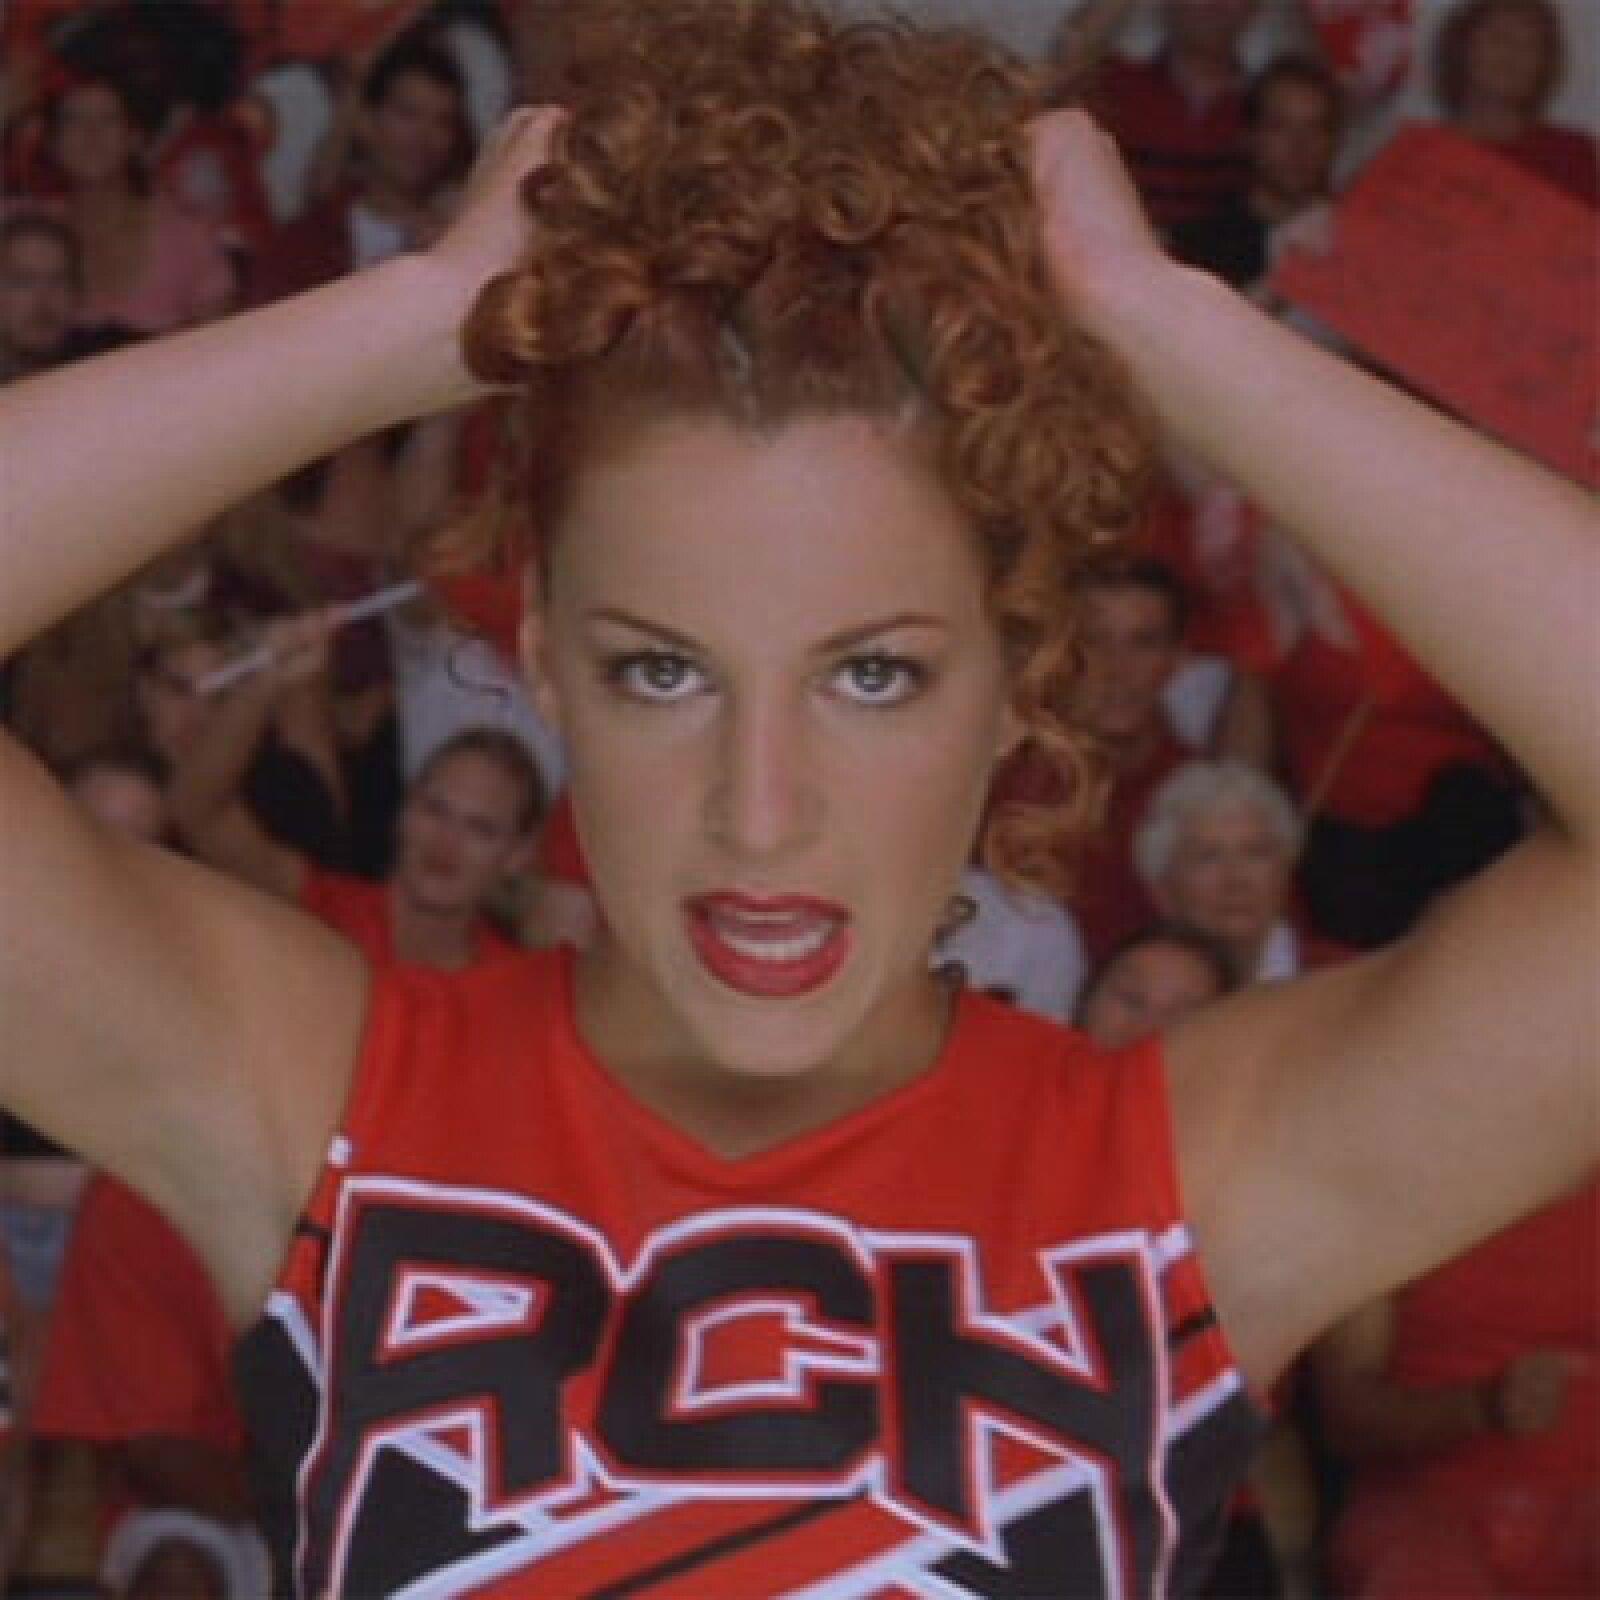 """Hasta en las porristas puede haber maldad, """"The Big Red"""" es una de ellas, pues en """"Triunfos Robados"""" le mostró a Kirsten Dunst que ella es """"sexy, guapa y popular""""."""